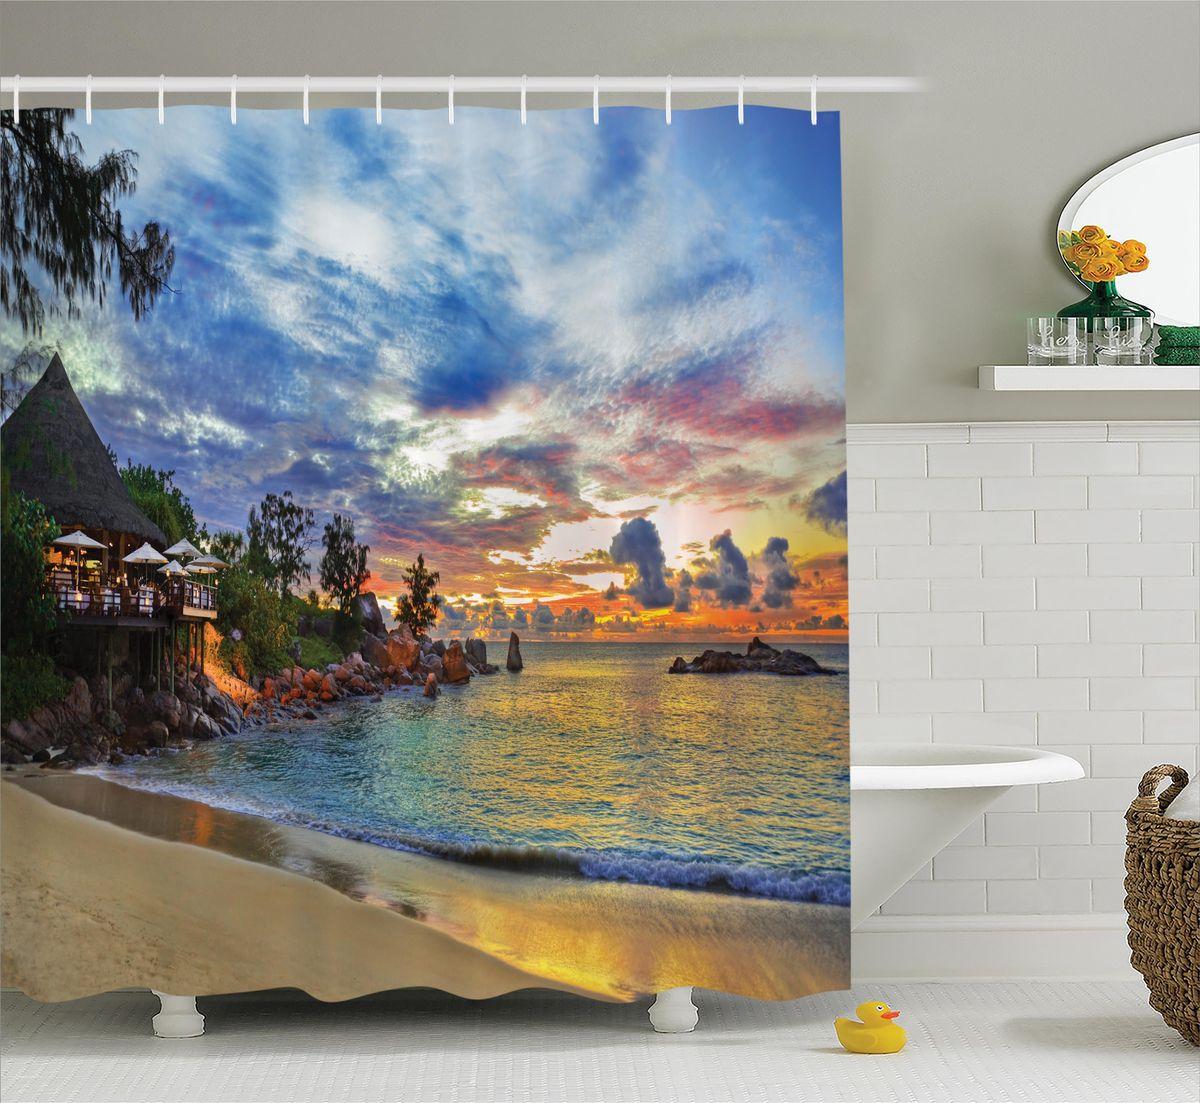 Штора для ванной комнаты Magic Lady Вечер в райском уголке, 180 х 200 смшв_12485Штора Magic Lady Вечер в райском уголке, изготовленная из высококачественного сатена (полиэстер 100%), отлично дополнит любой интерьер ванной комнаты. При изготовлении используются специальные гипоаллергенные чернила для прямой печати по ткани, безопасные для человека. В комплекте: 1 штора, 12 крючков. Обращаем ваше внимание, фактический цвет изделия может незначительно отличаться от представленного на фото.